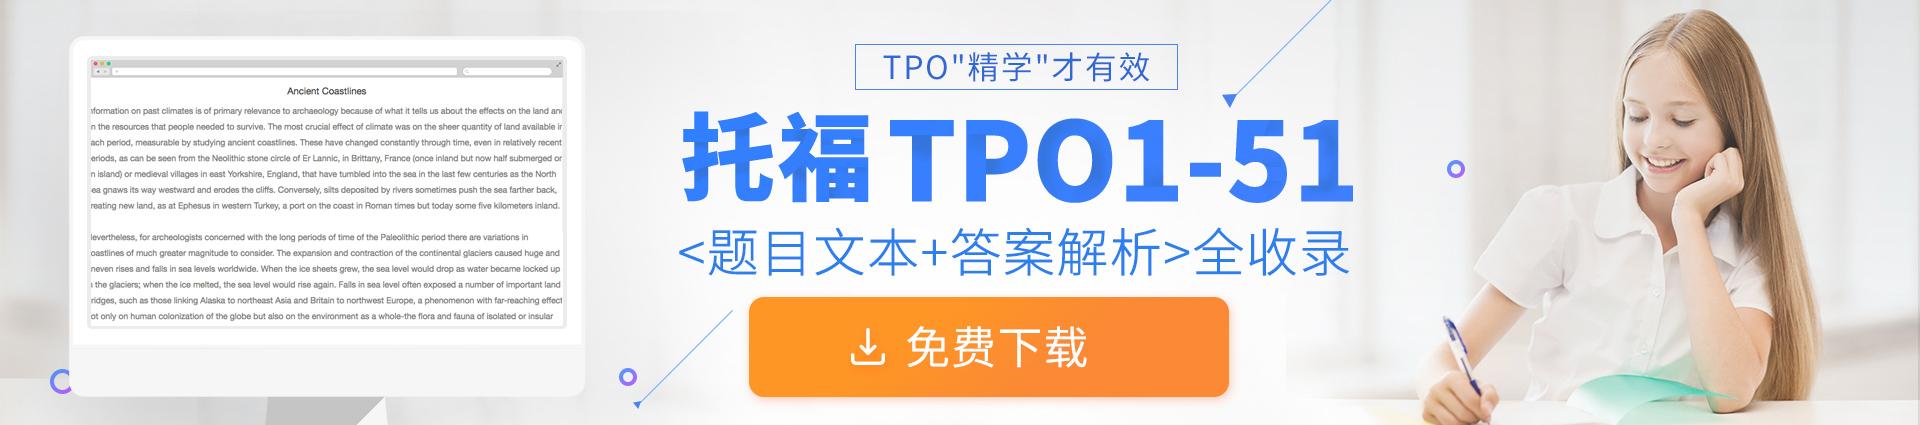 TPO1-51